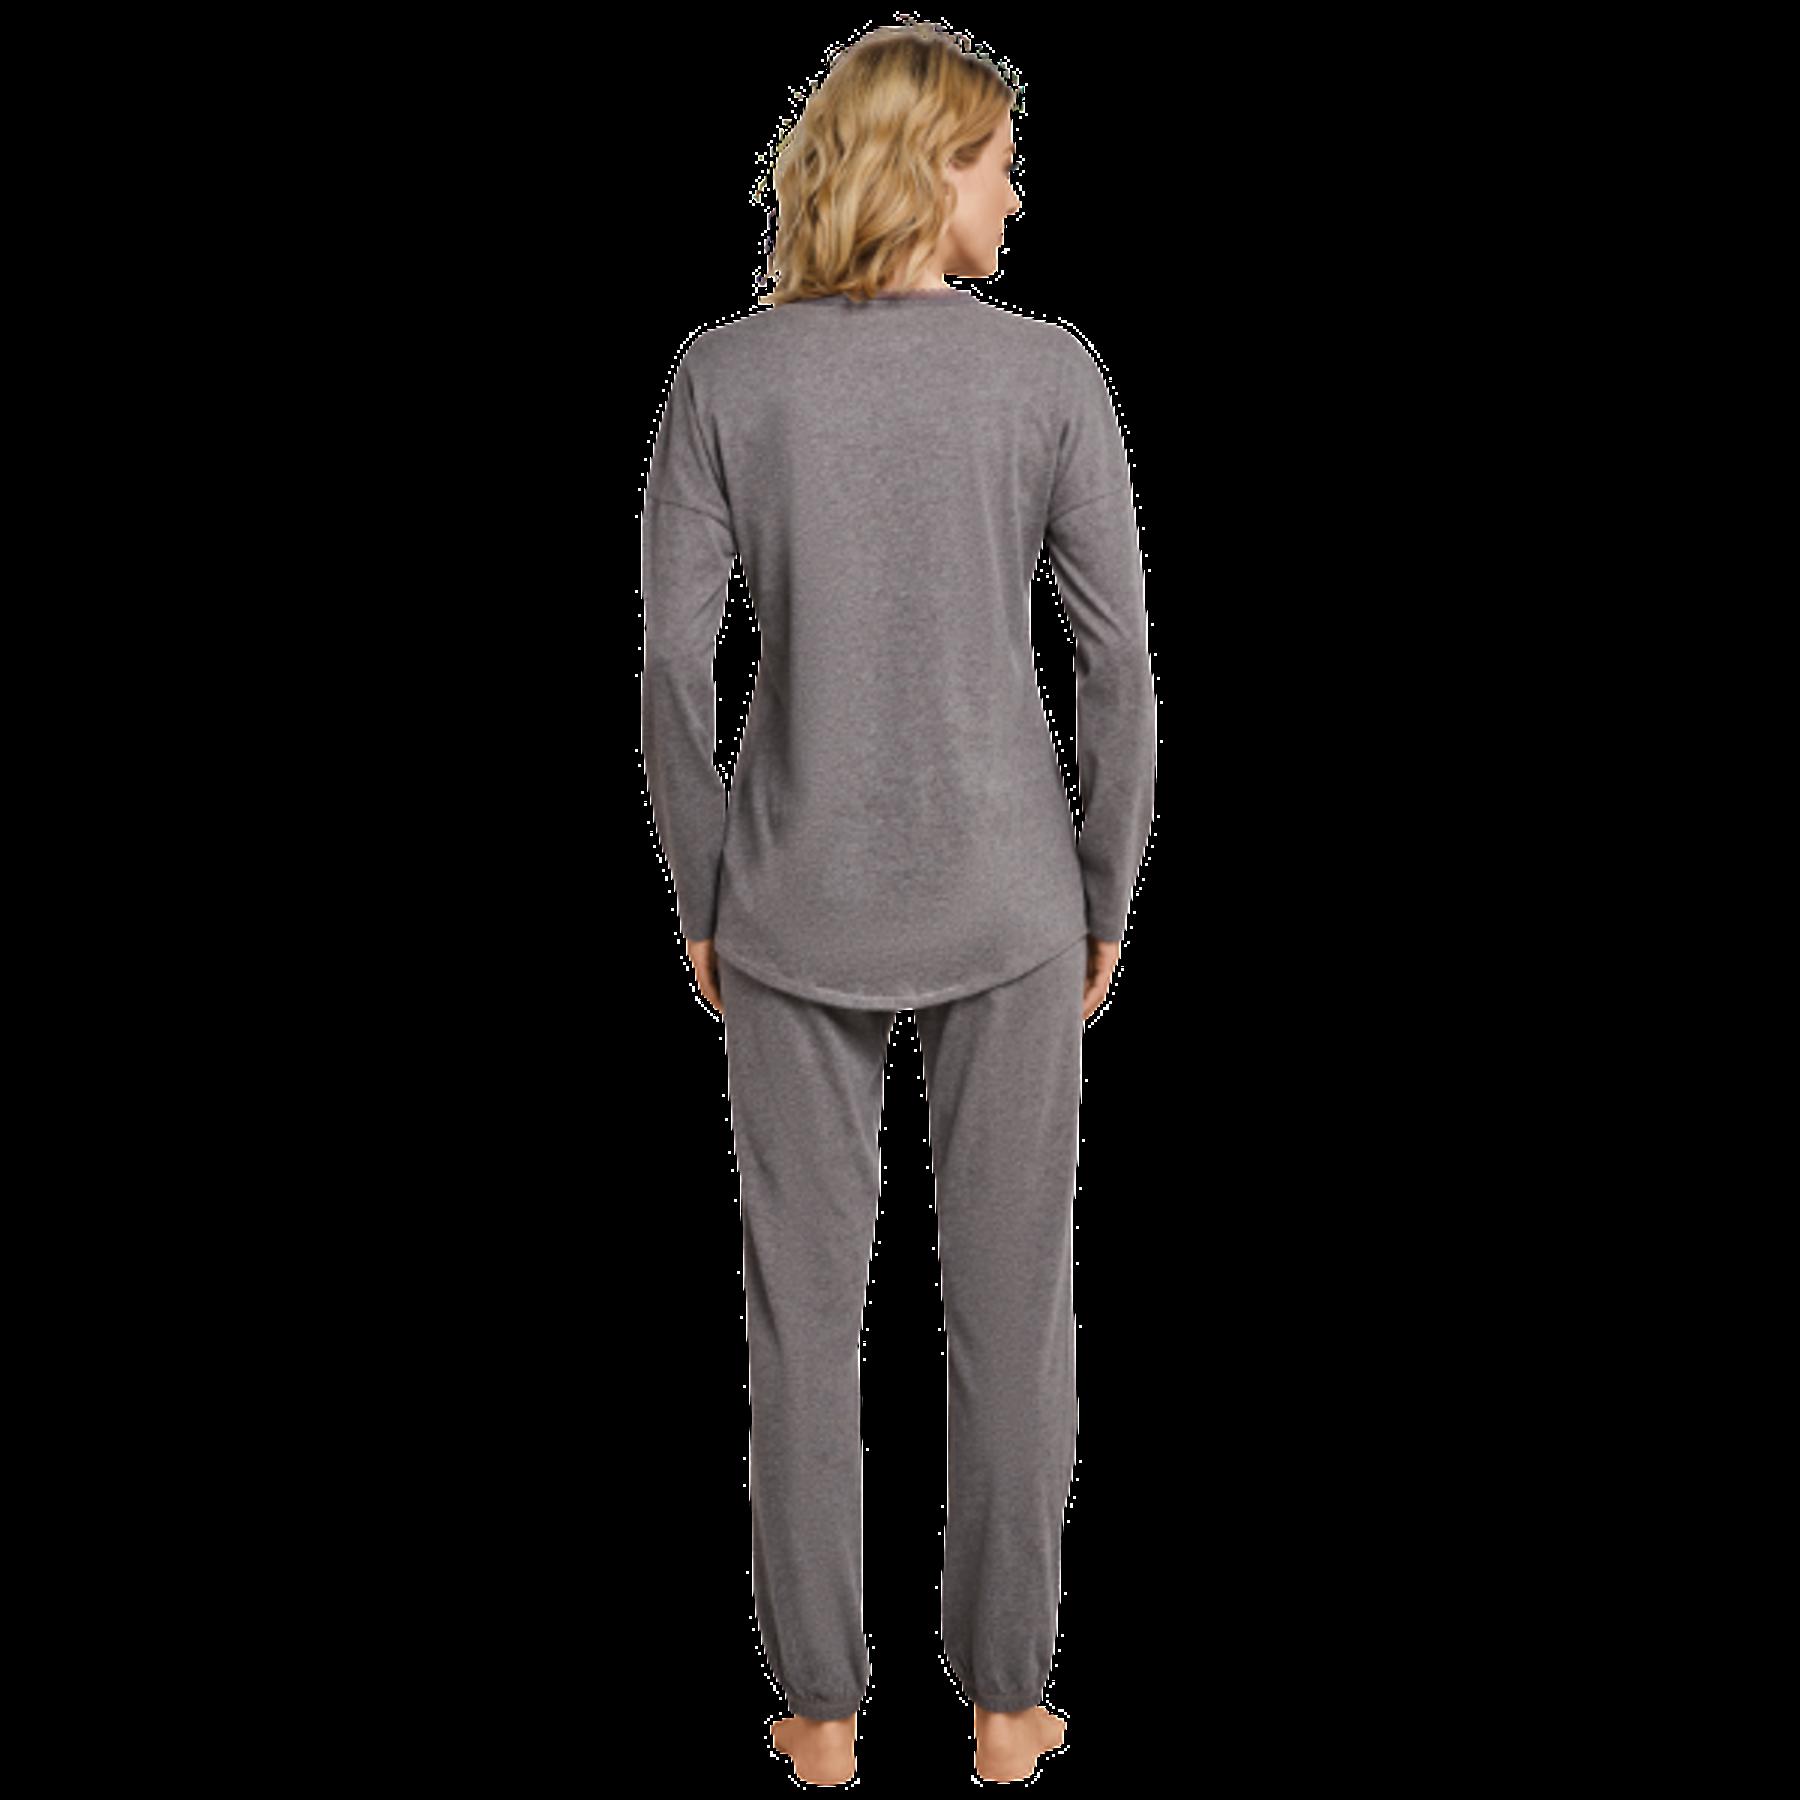 Schiesser - Damen Schlafanzug lang, braungrau-mel. (163107-304) – Bild 3